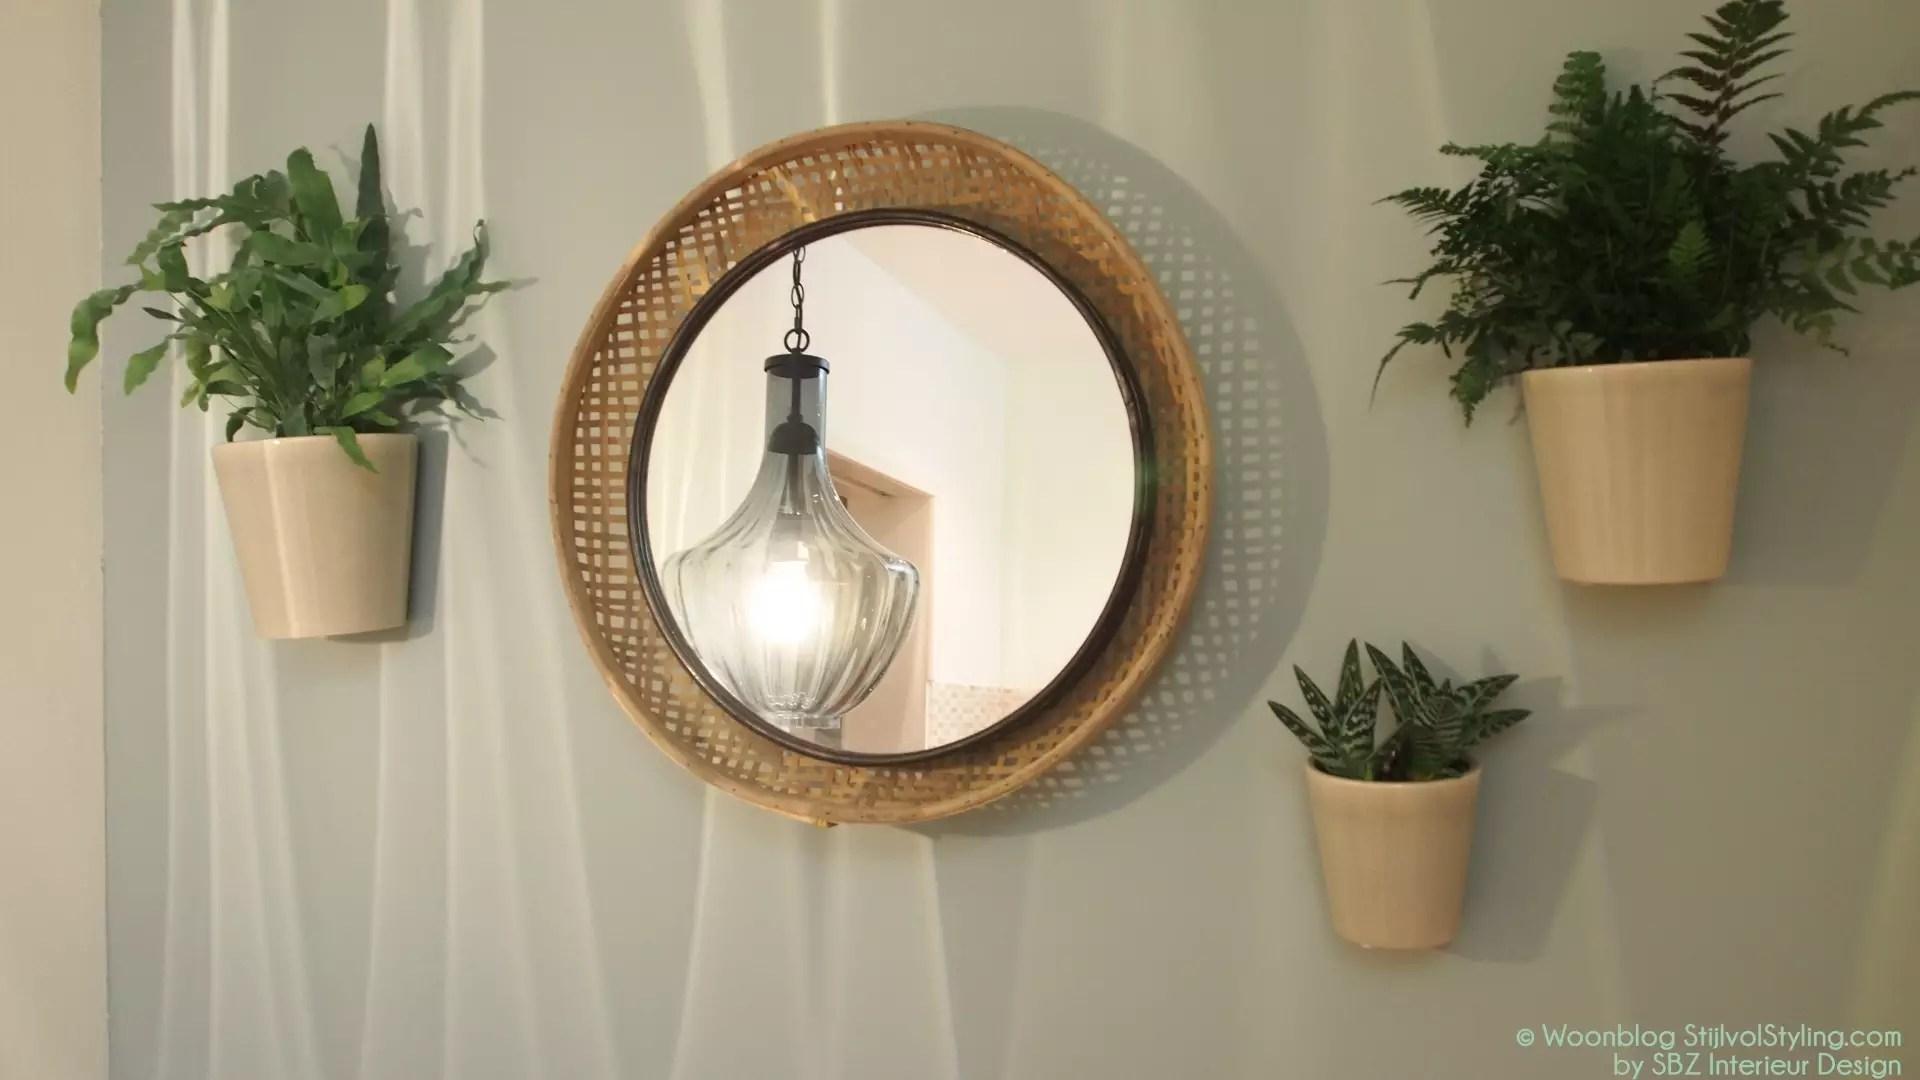 Stijlvolle Plafonniere Badkamer : Interieur de juiste verlichting kiezen verlichtingsplan maken